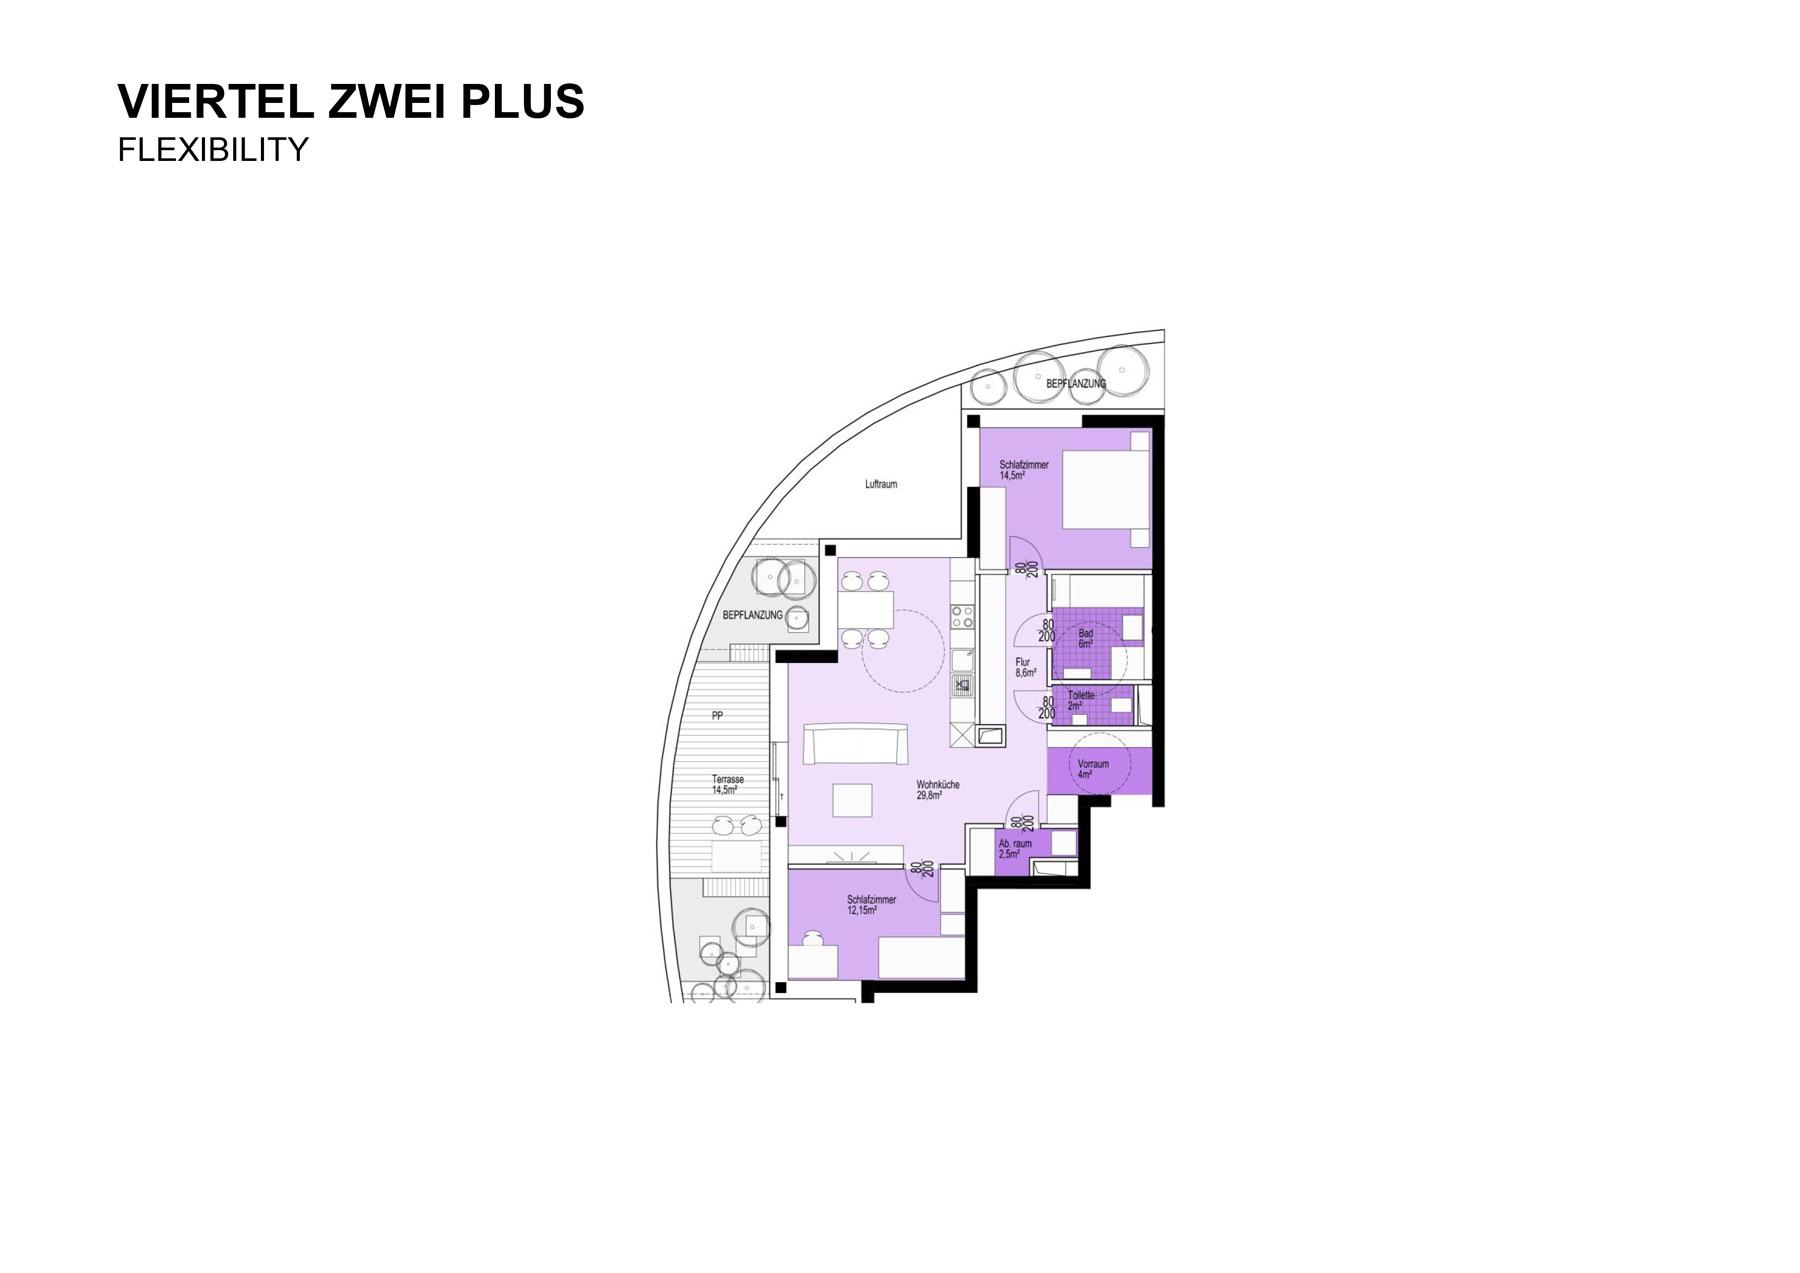 217_v2P_Rondo_Slide_27